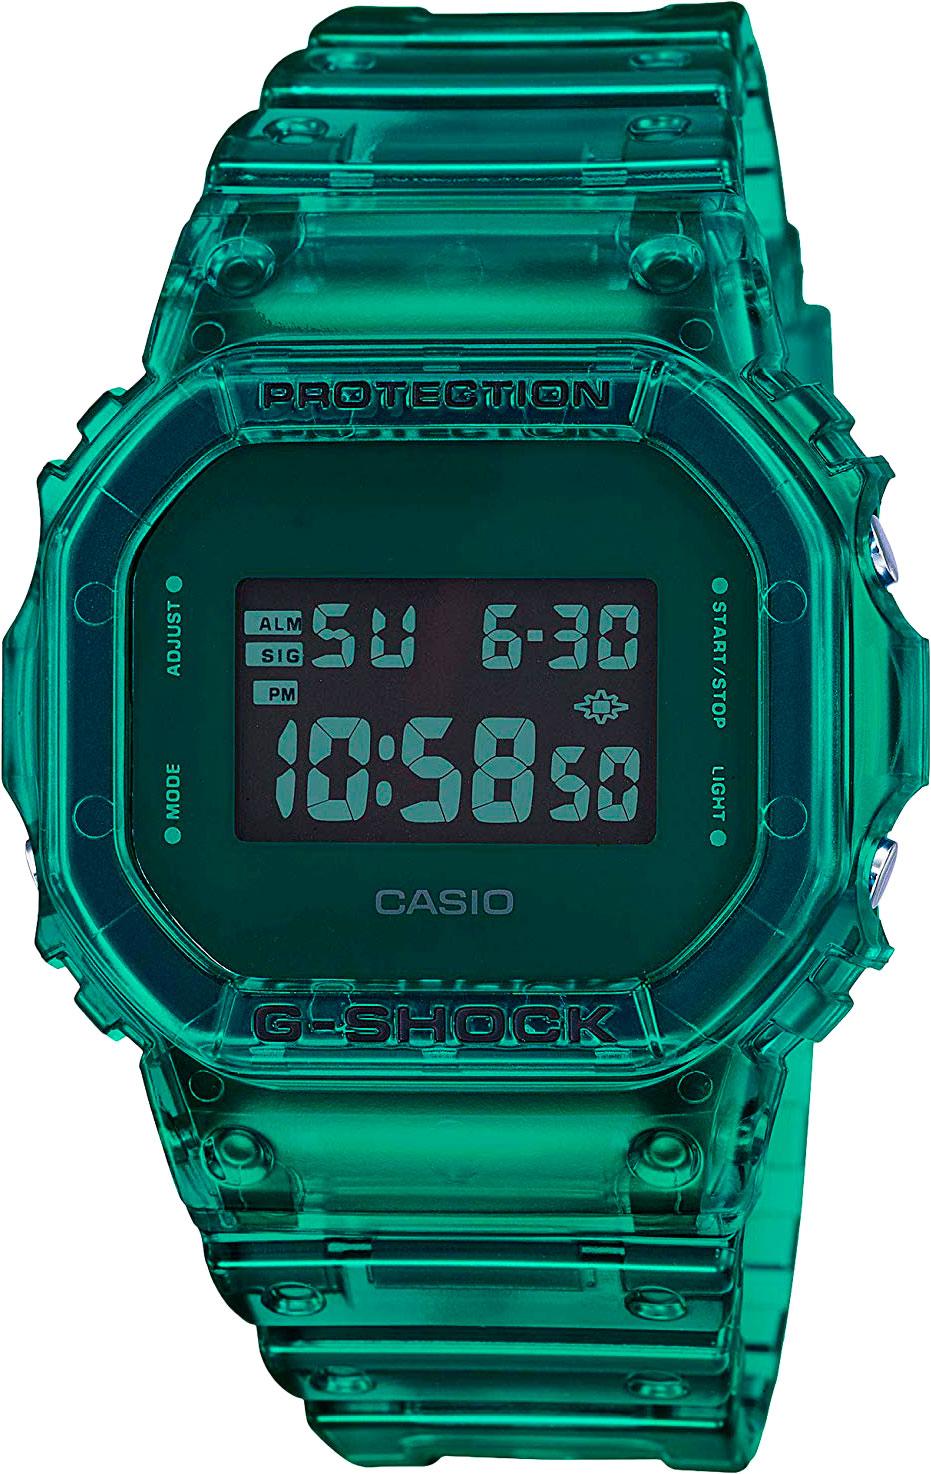 CASIO DW-5600SB